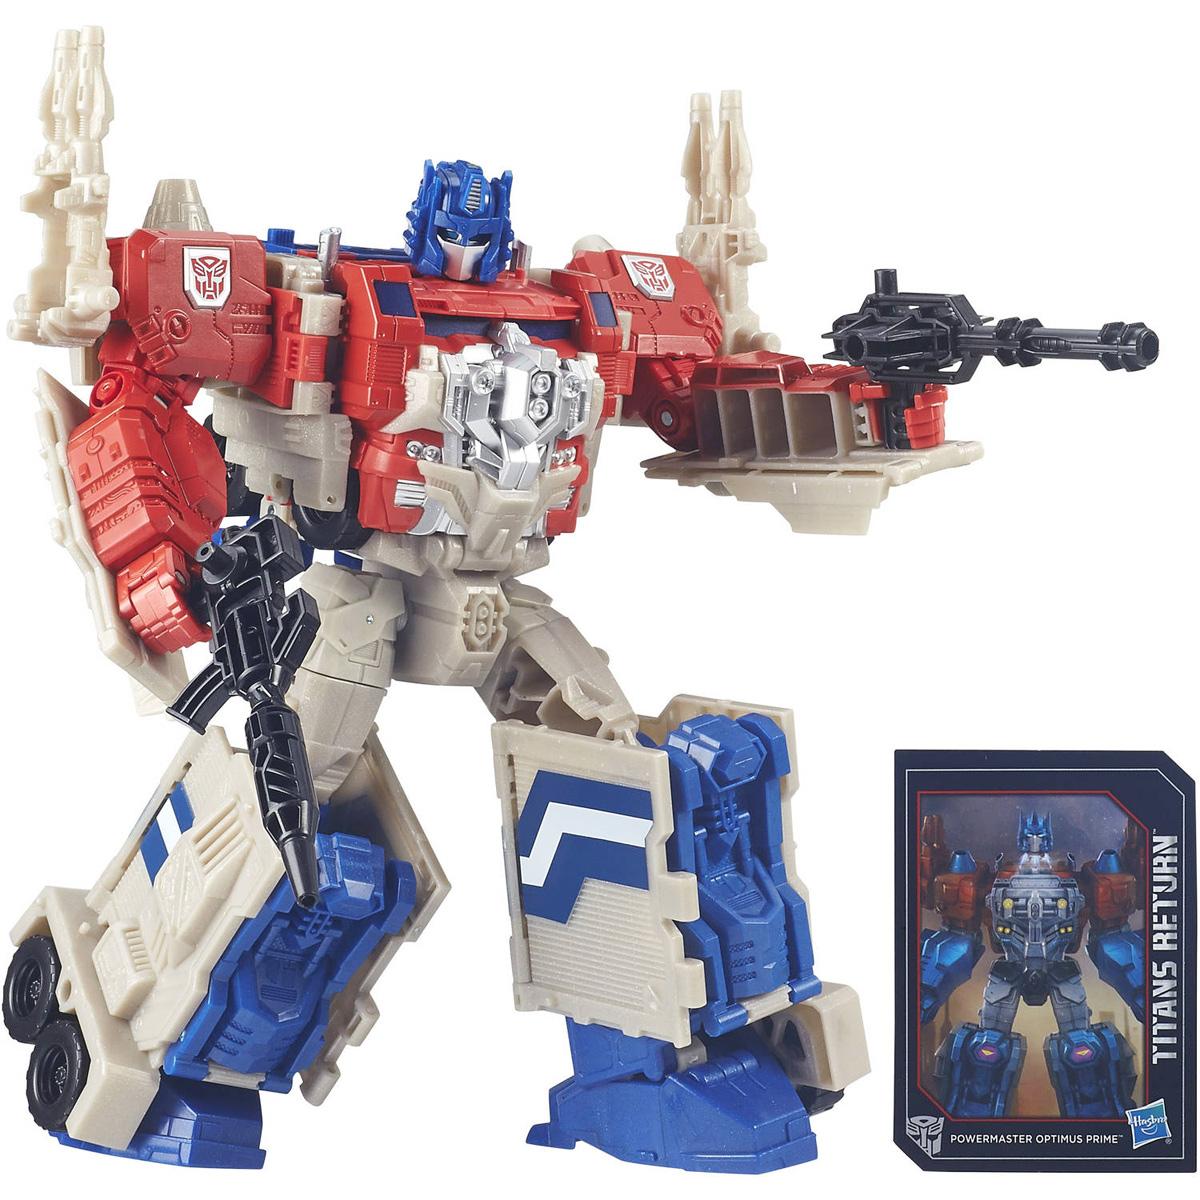 Transformers Трансформер Autobot Apex & Powermaster Optimus PrimeB7997EU4_B6461Трансформер Transformers Autobot Apex & Powermaster Optimus Prime обязательно понравится всем маленьким поклонникам знаменитых Трансформеров! Фигурка выполнена из прочного пластика в виде трансформера Autobot Apex. В несколько простых шагов (21 шаг) малыш сможет трансформировать фигурку робота в мощный грузовик, а далее в режим города и обратно. Фигурка отличается высокой степенью детализации. Ребенок с удовольствием будет играть с трансформером, придумывая различные истории. Порадуйте его таким замечательным подарком! В комплект также входят оружие трансформера и карта персонажа с техническими характеристиками.